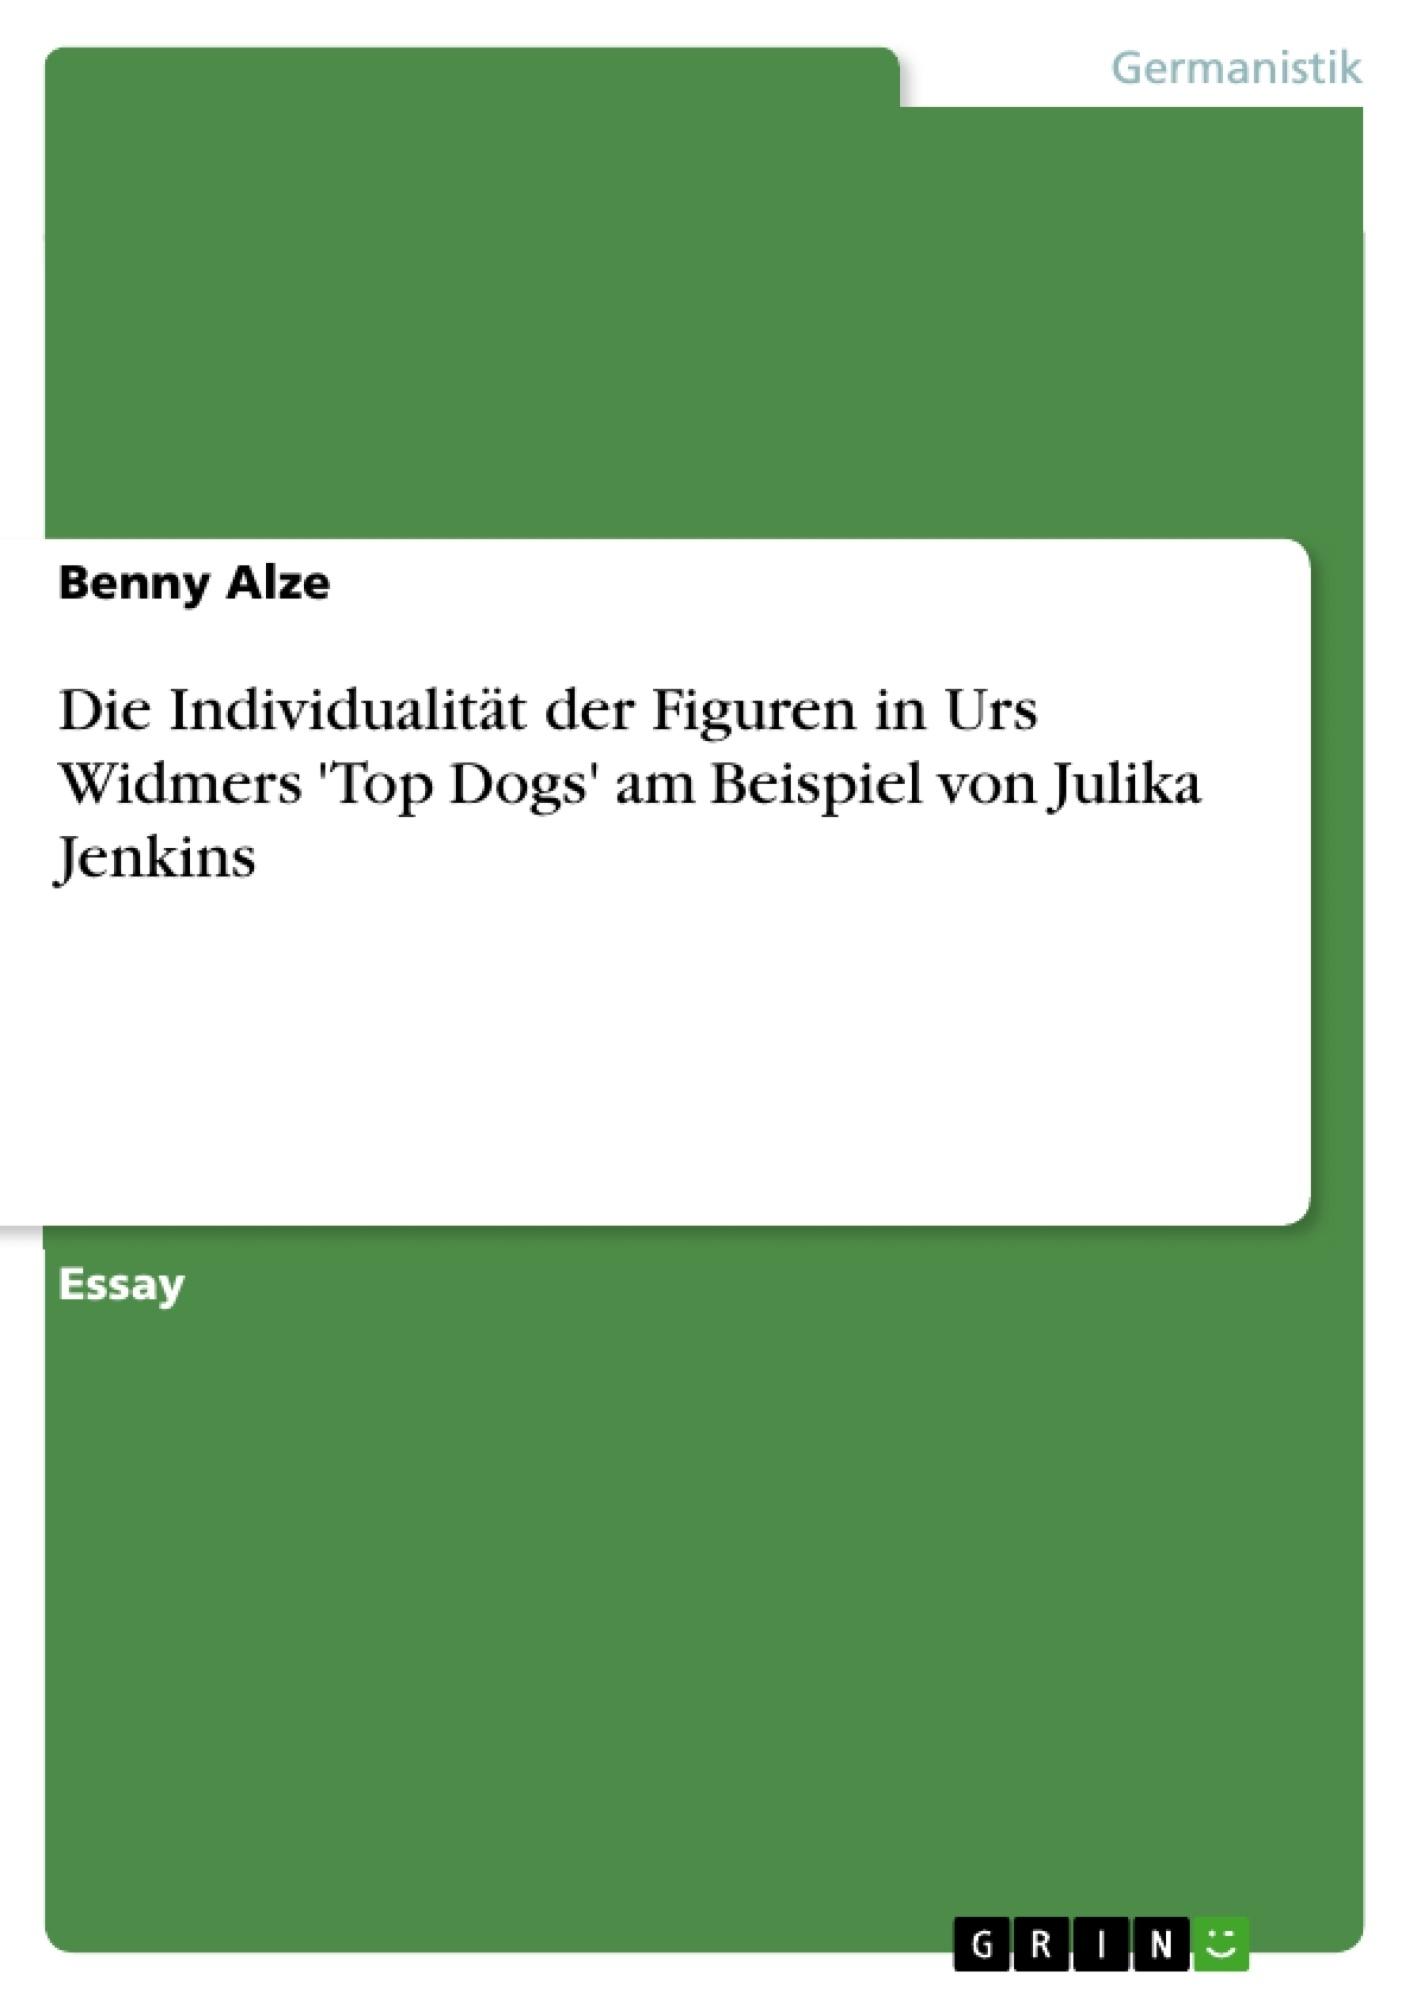 Titel: Die Individualität der Figuren in Urs Widmers 'Top Dogs' am Beispiel von Julika Jenkins